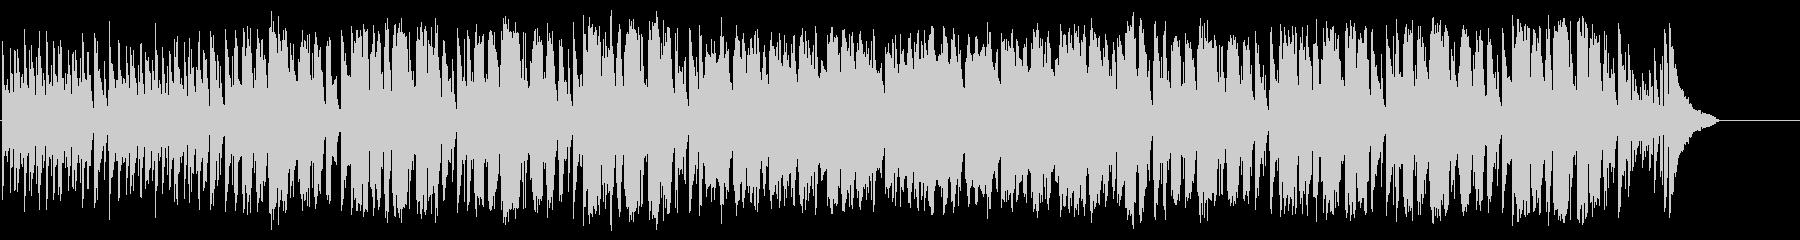 陽気なデキシー風ジャズポップの未再生の波形